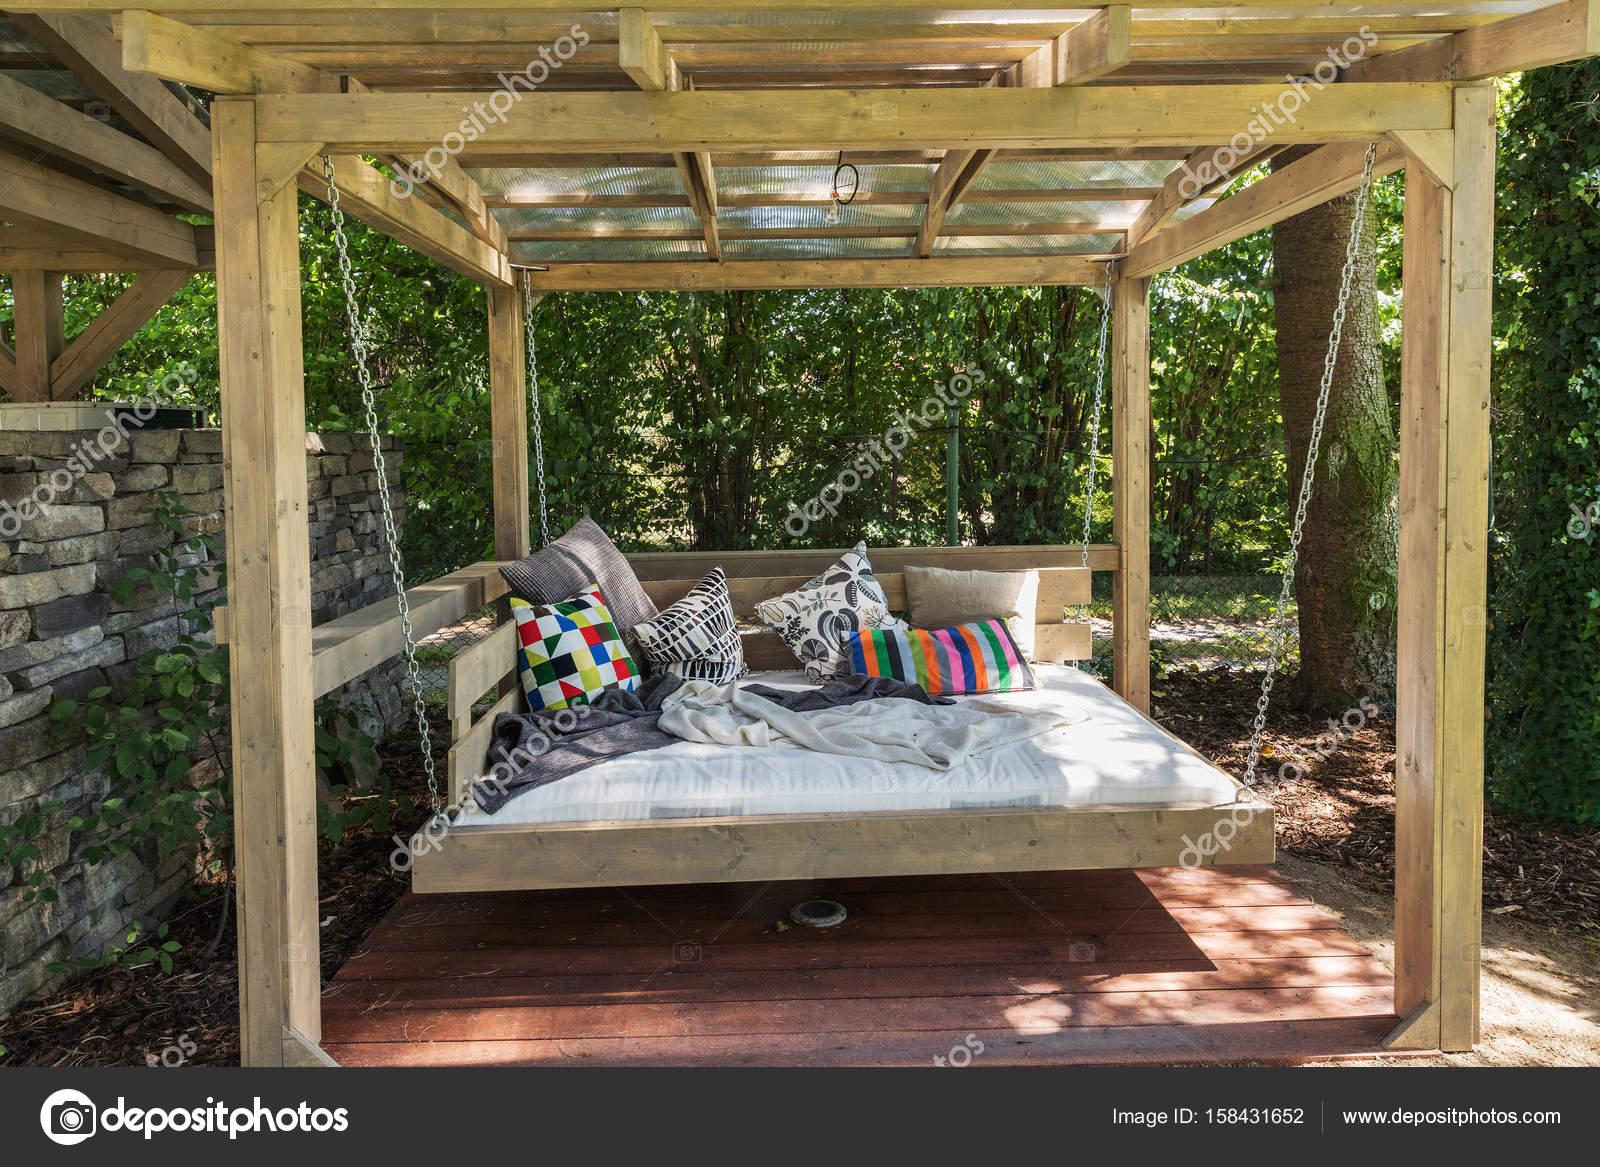 Pergola In Tuin : Rockende bed pergola tuin bed met kussens u stockfoto nadak